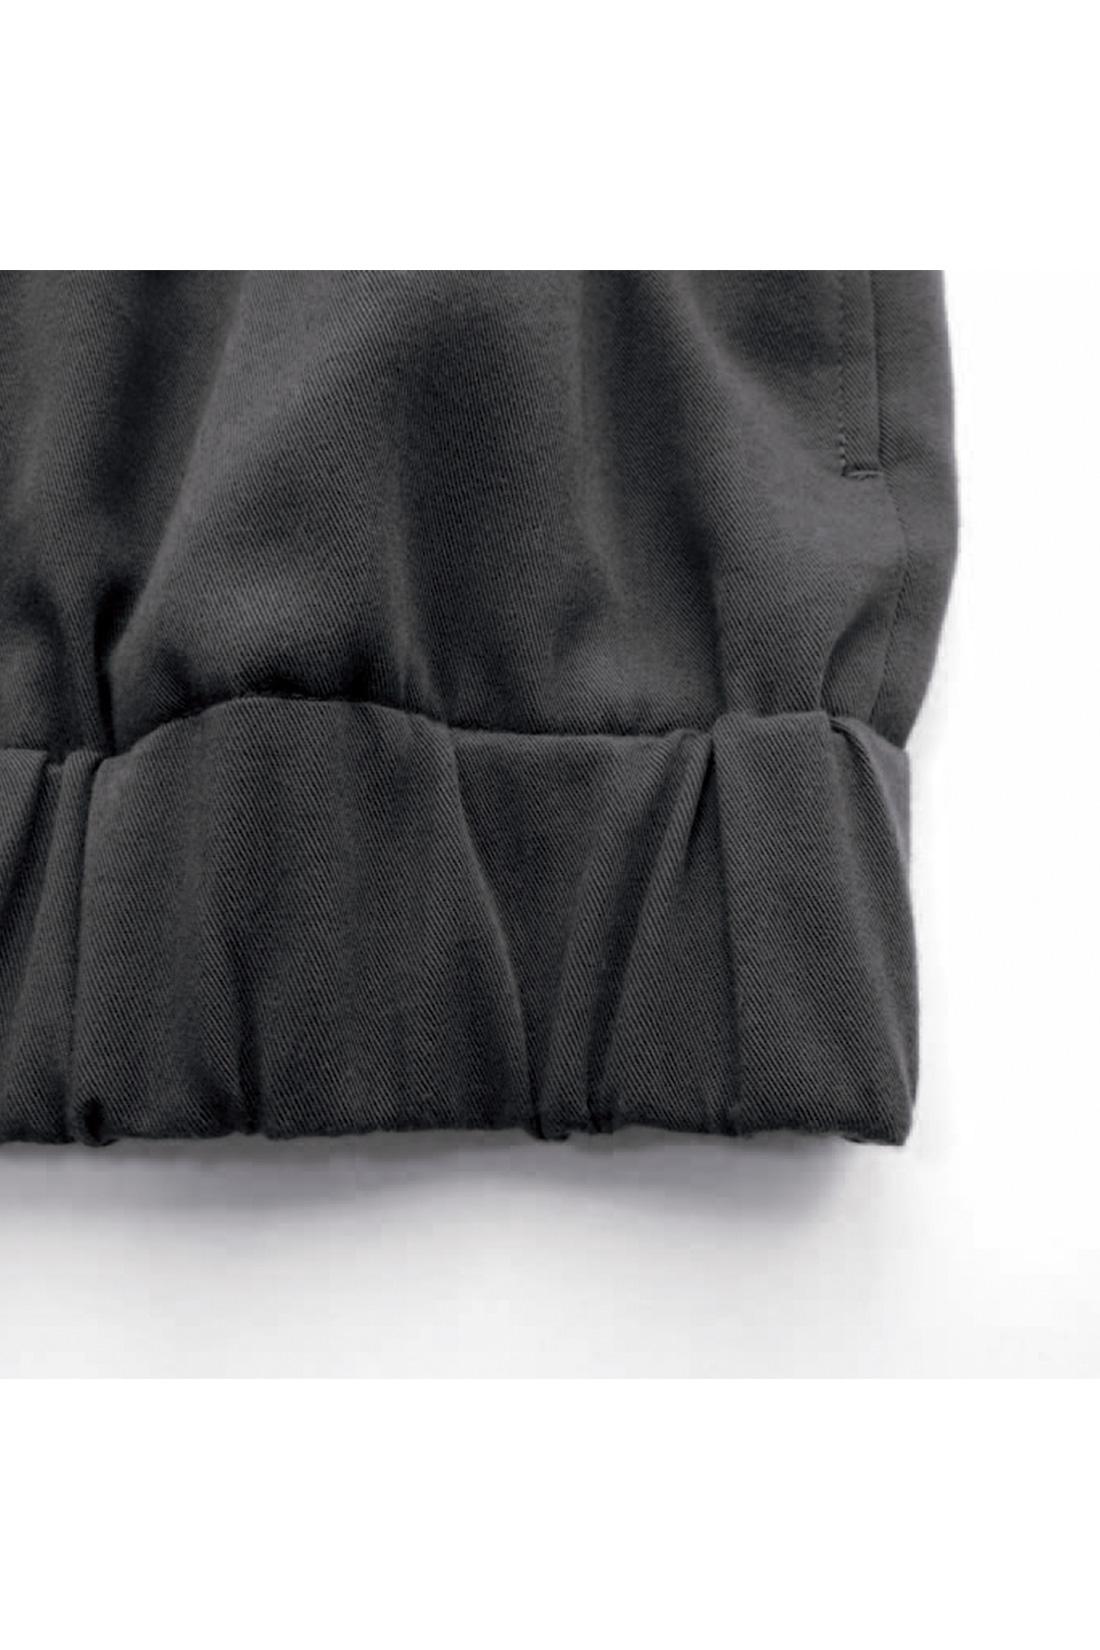 [幅広ゴムでアクセント。]すそと袖口に太めのゴムを入れて、クシュッとアクセントをつけました。